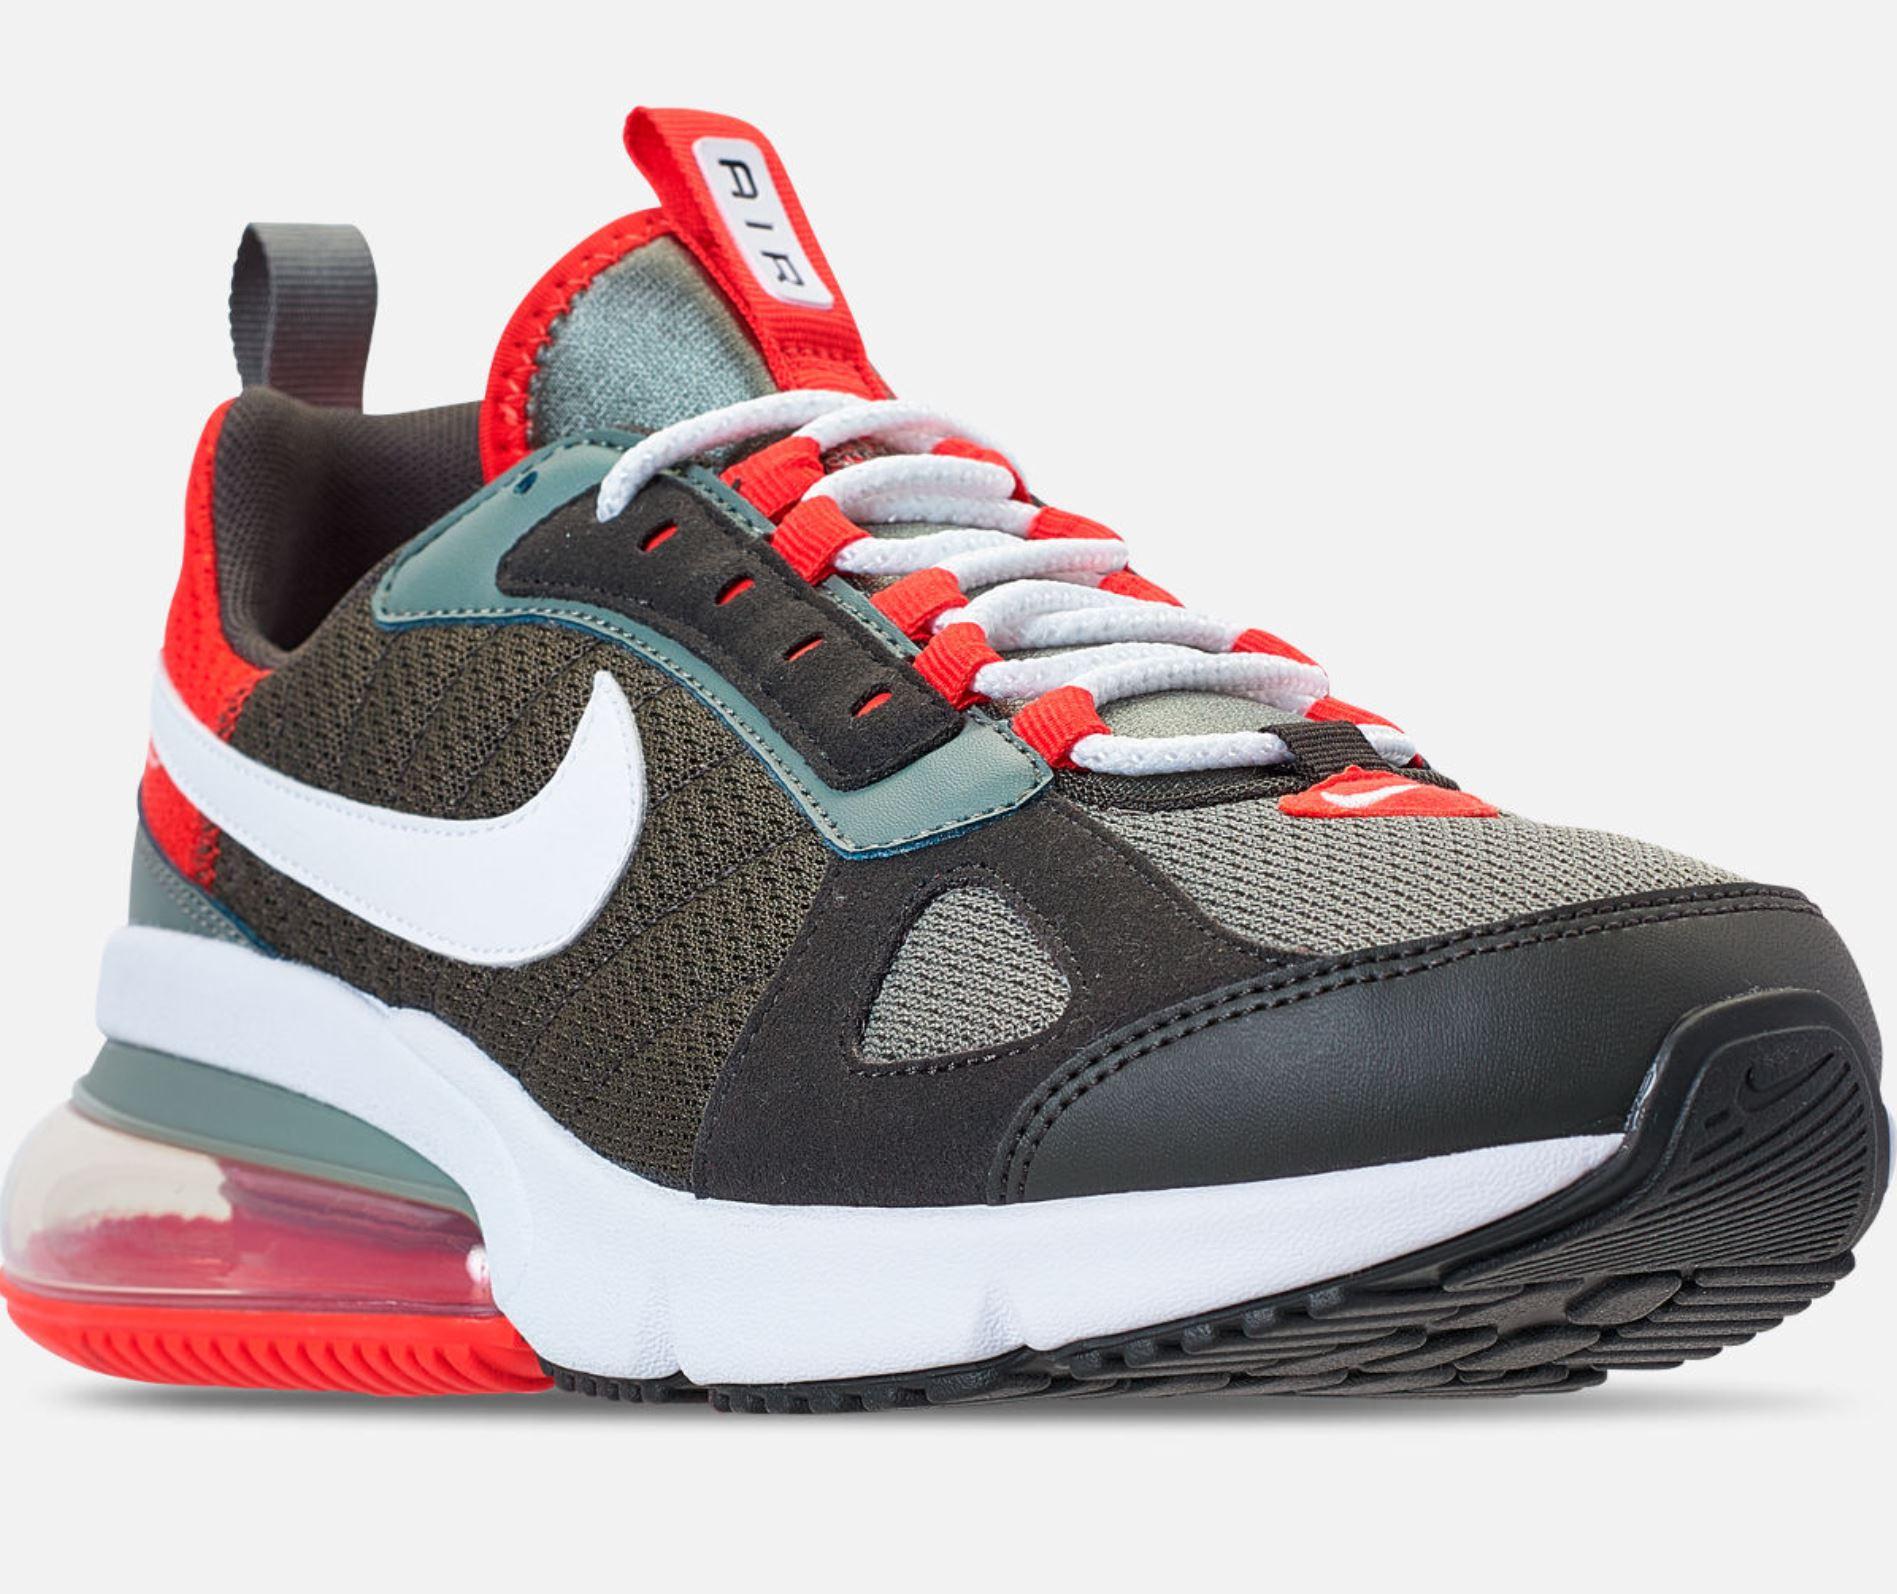 Nike Air Max 270 Futura Release Date